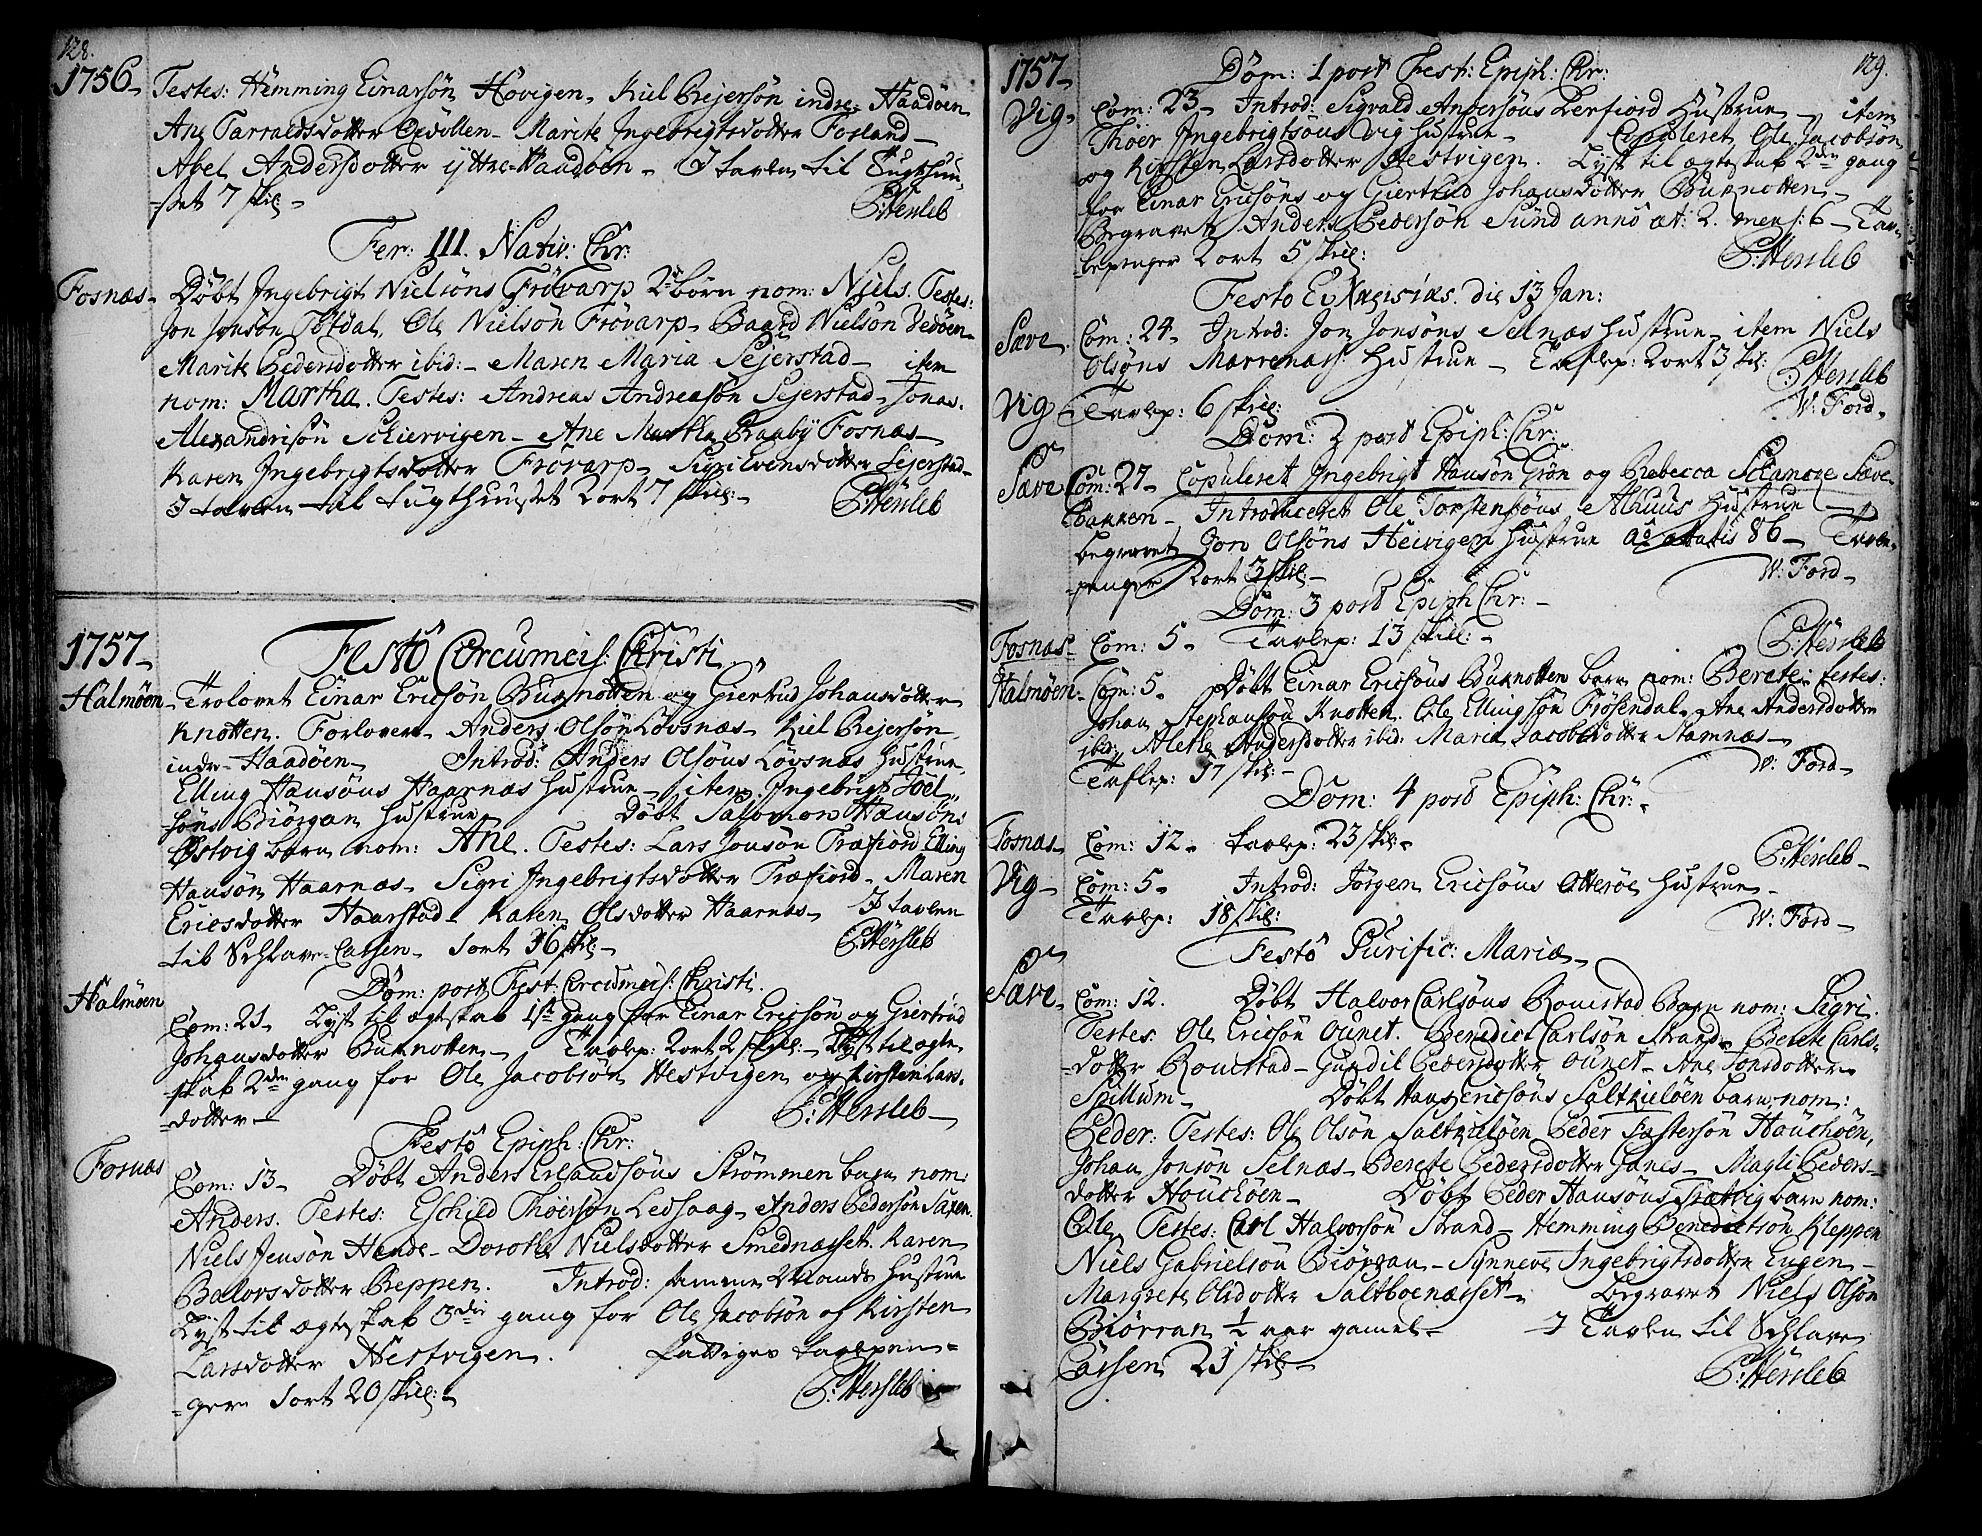 SAT, Ministerialprotokoller, klokkerbøker og fødselsregistre - Nord-Trøndelag, 773/L0607: Ministerialbok nr. 773A01, 1751-1783, s. 128-129